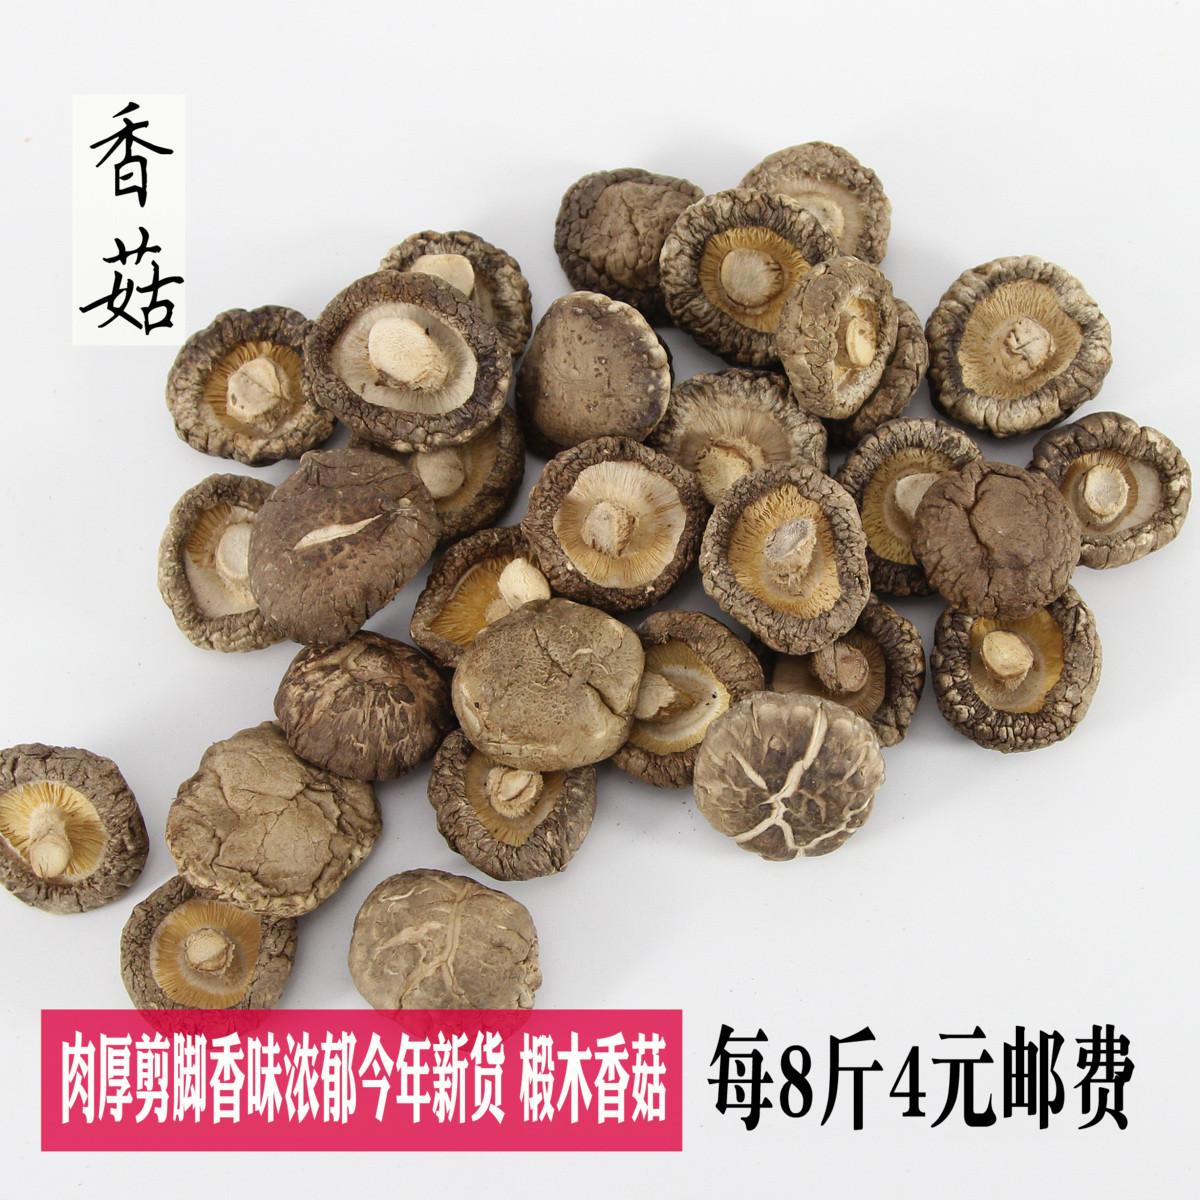 大香菇干货500g散装椴木剪脚大香菇金钱菇山珍煲汤食材干蘑菇批发